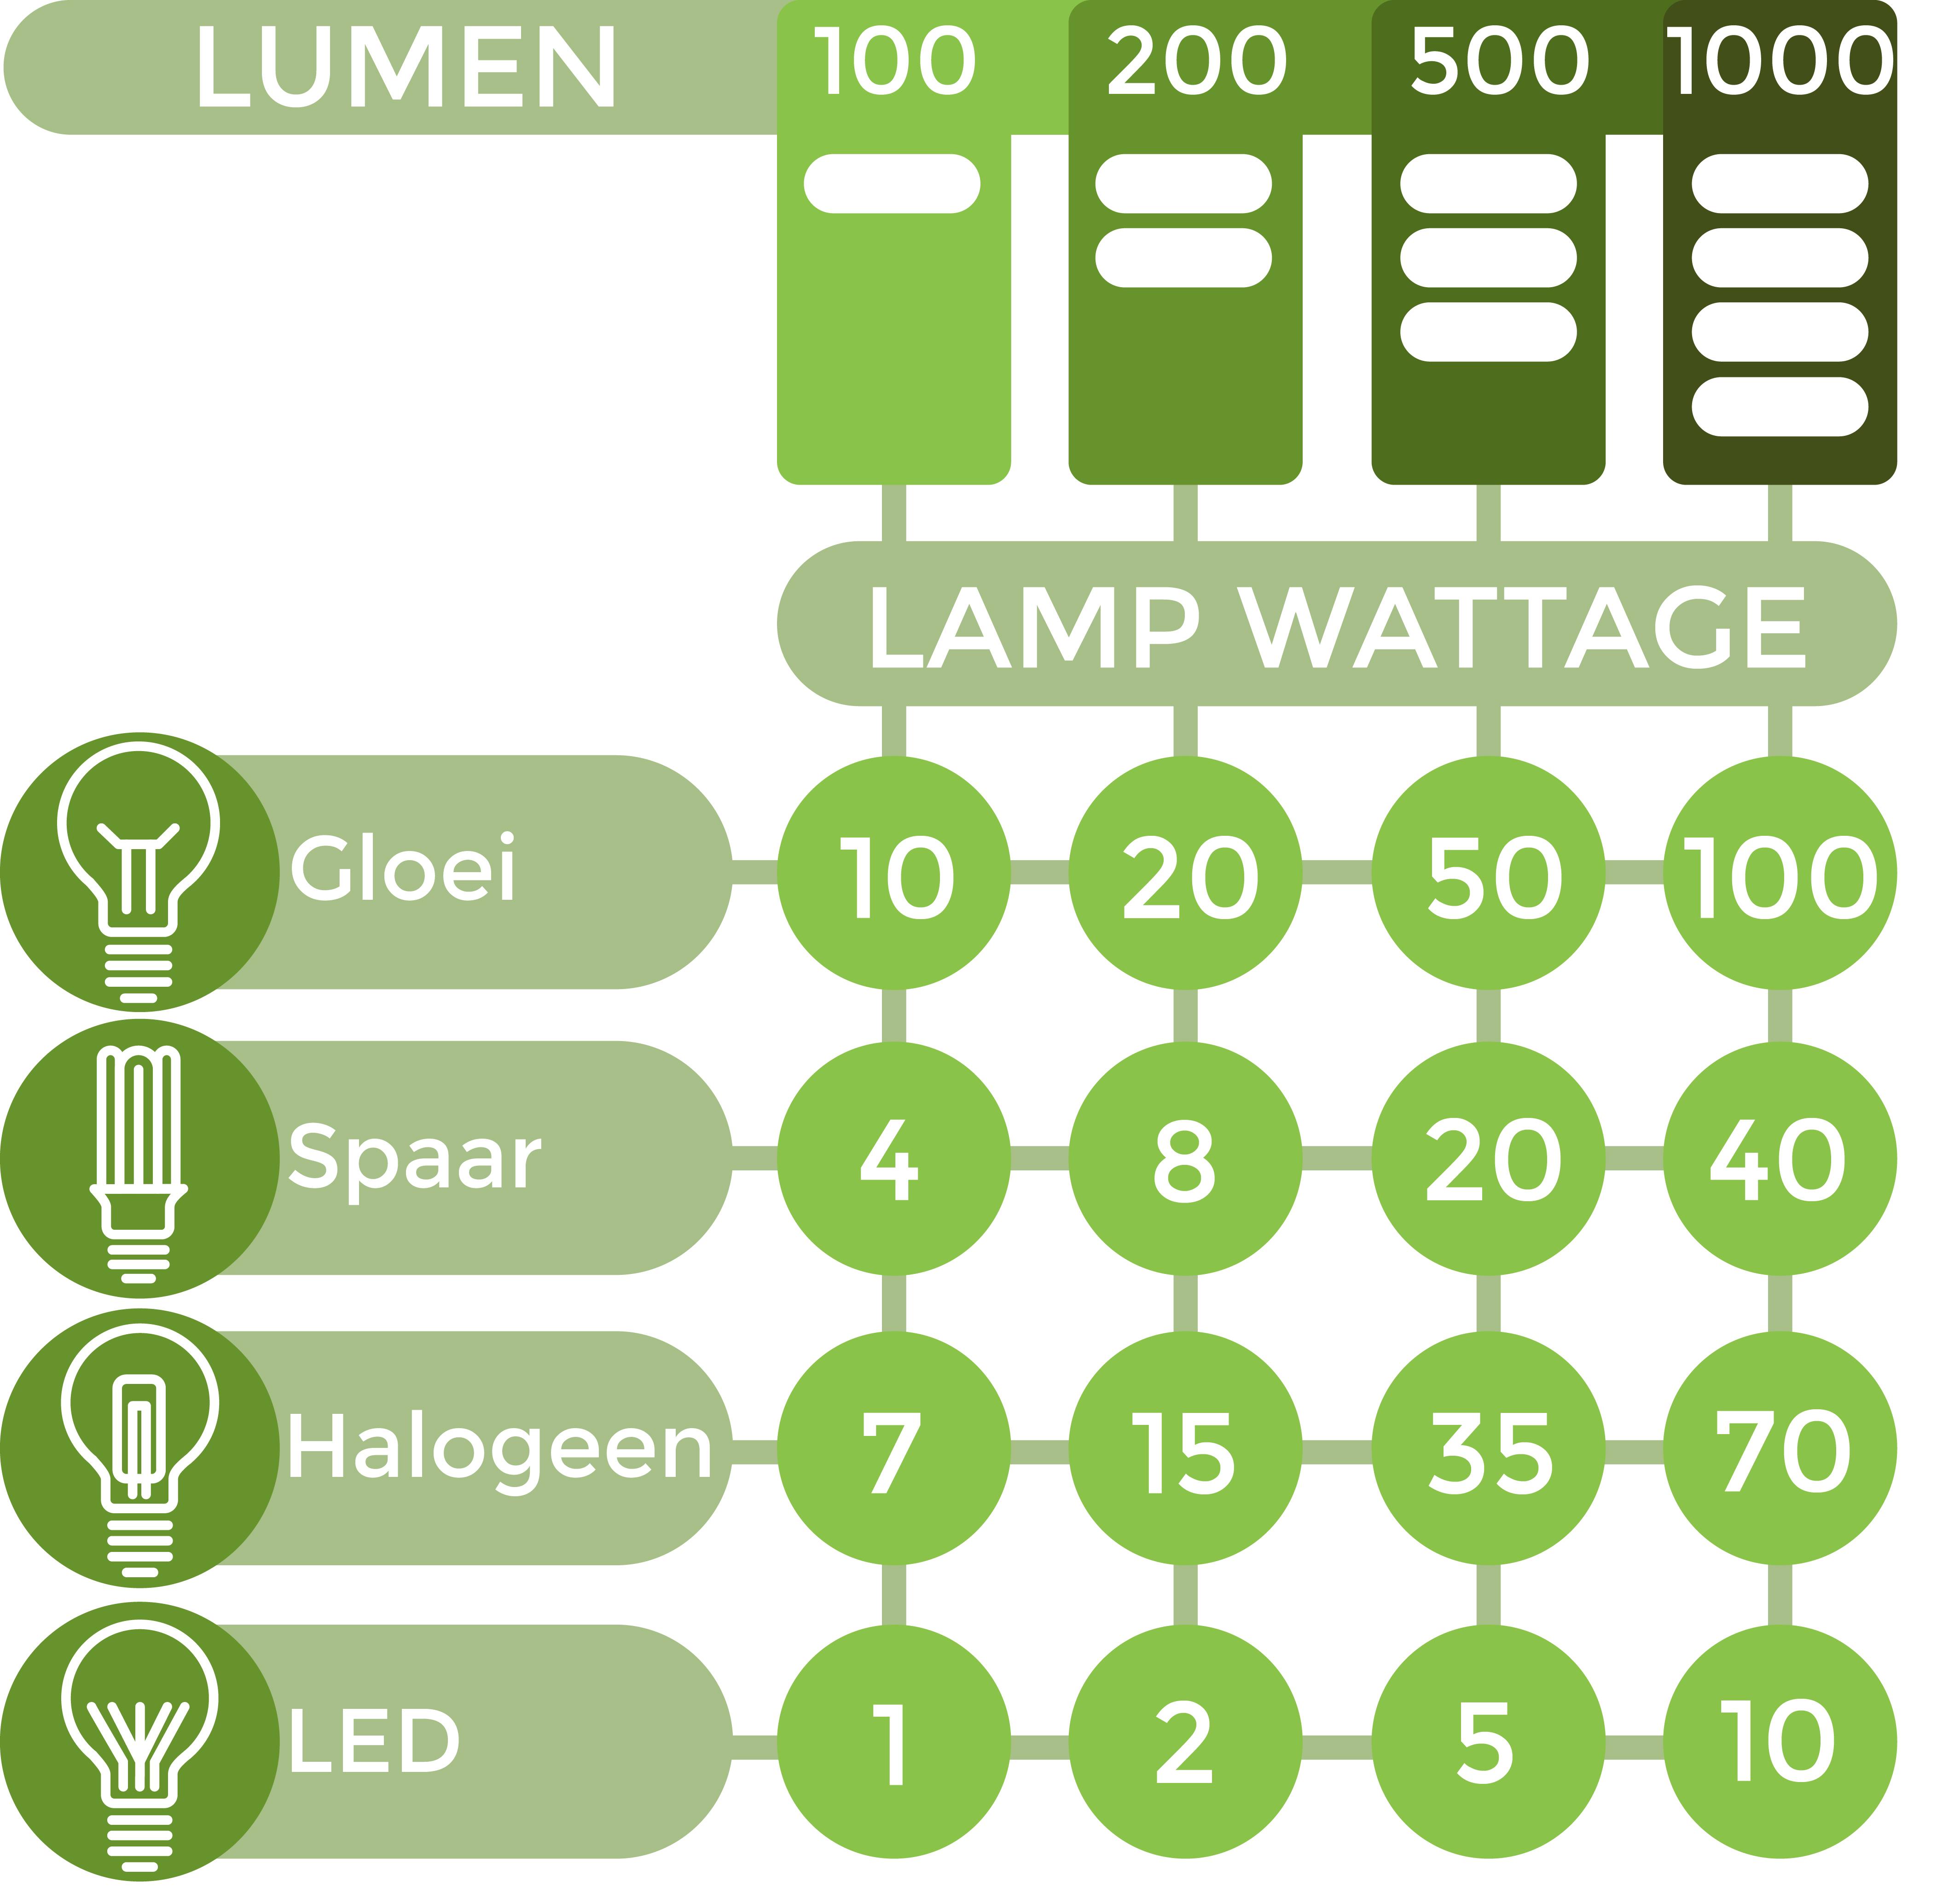 Lumen vergelijken met Watt of spaarlamp